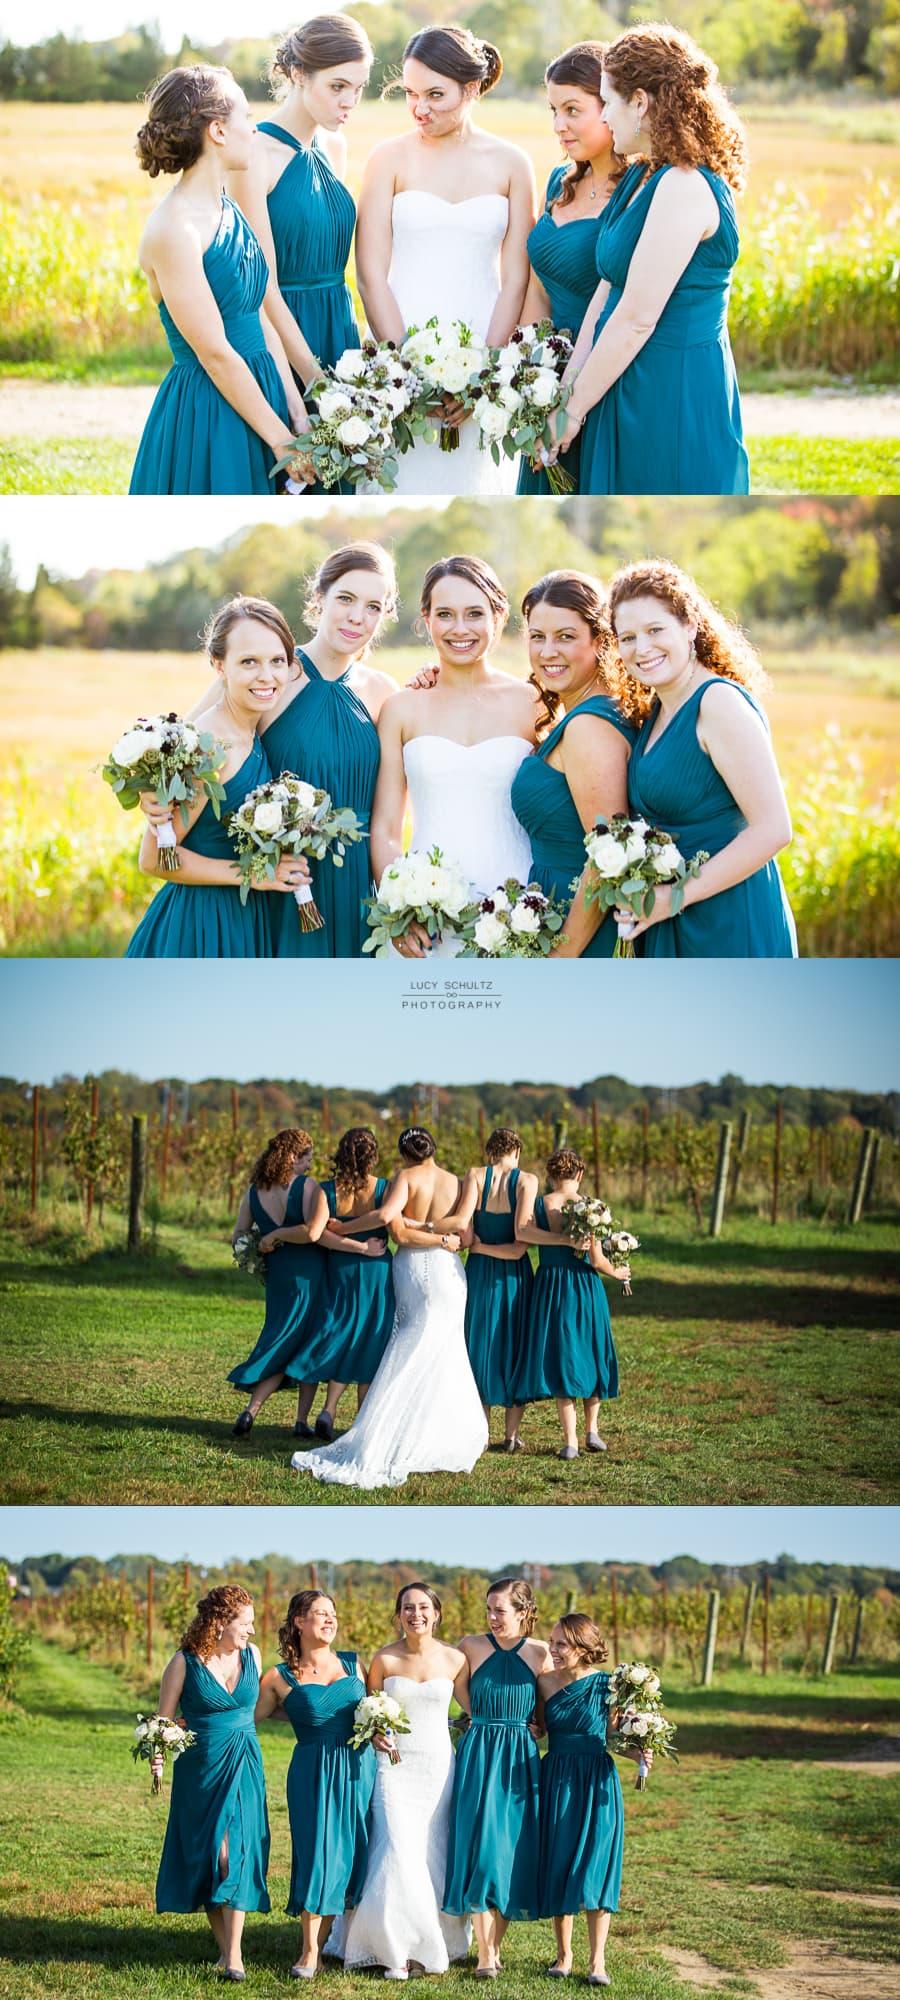 BrideAndBridesmaidsPhotoIdeas7